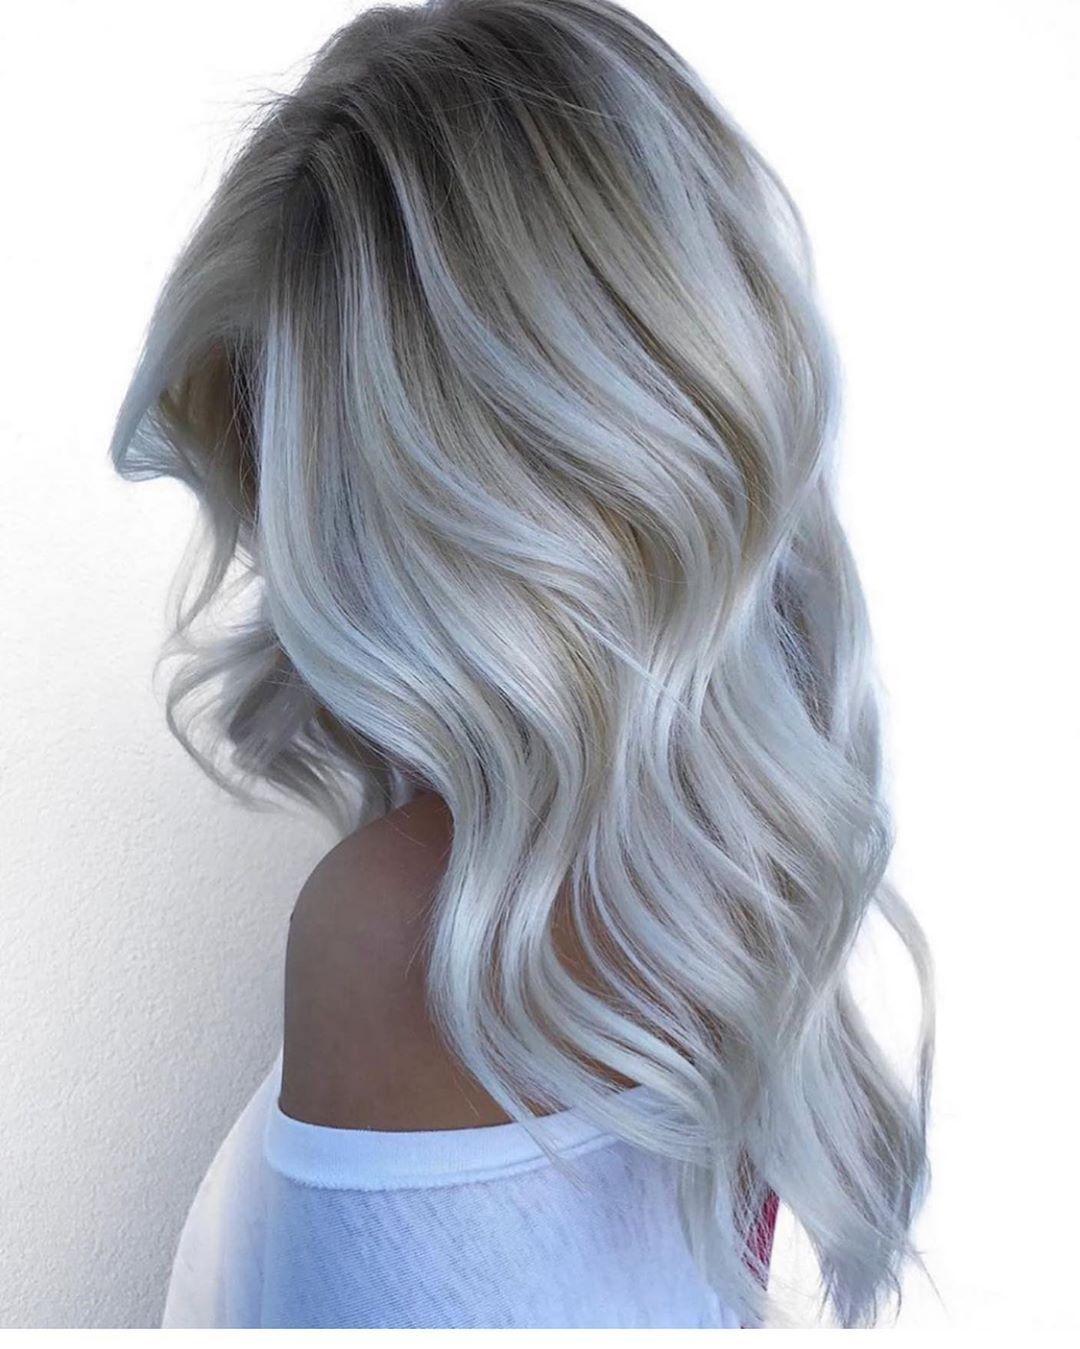 Weisse Haare Grau Balayage Frisuren Silber Locken Wellen